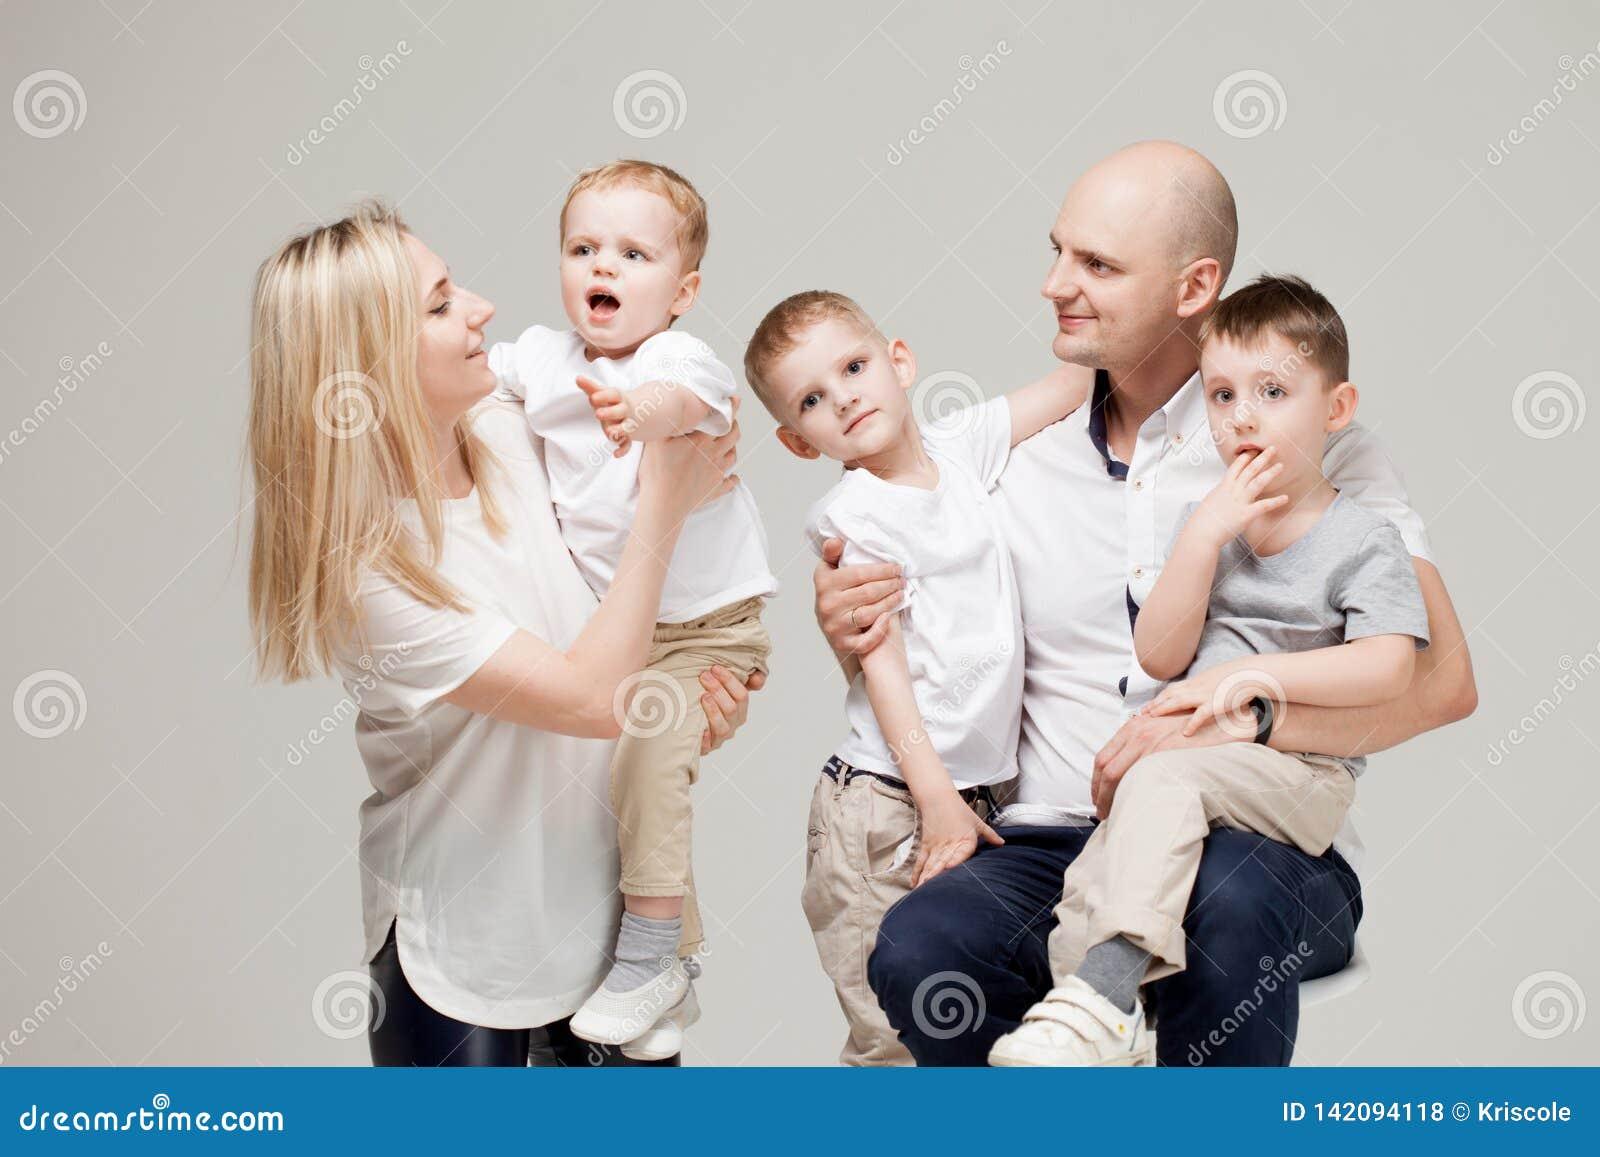 Große und nette Familie, Muttervati und drei Söhne glücklich zusammen